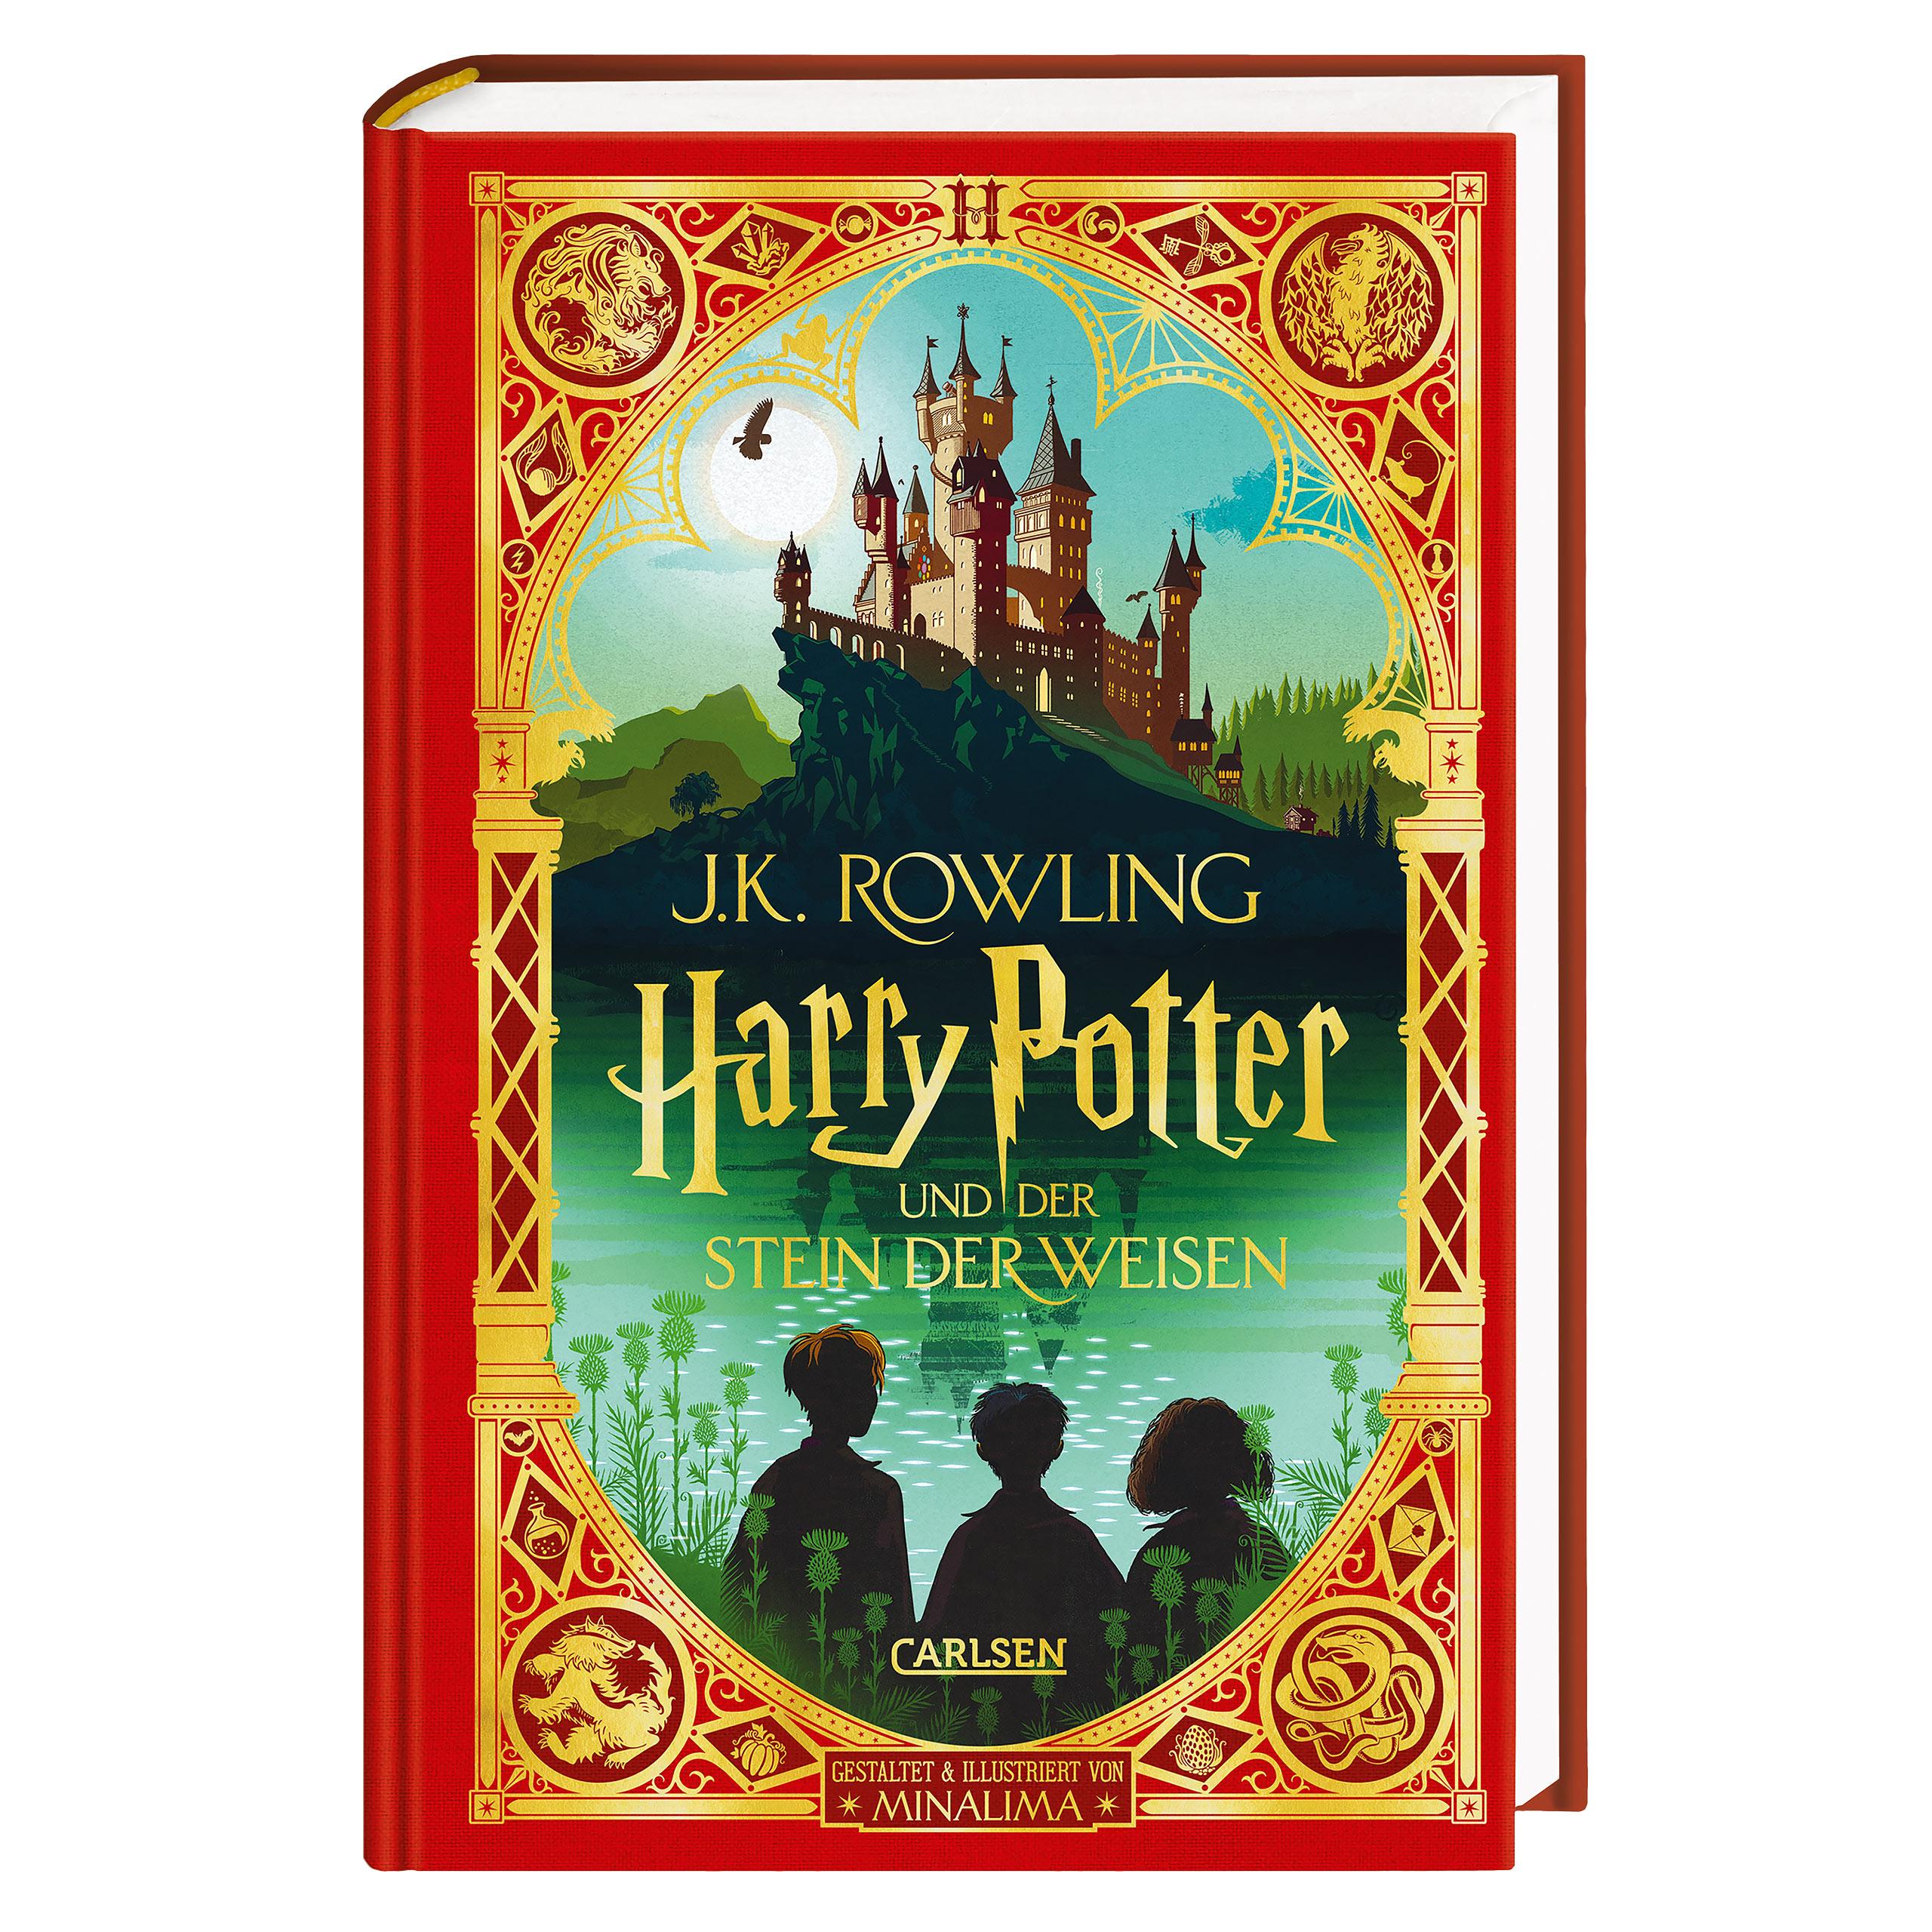 Harry Potter und der Stein der Weisen - MinaLima Ausgabe